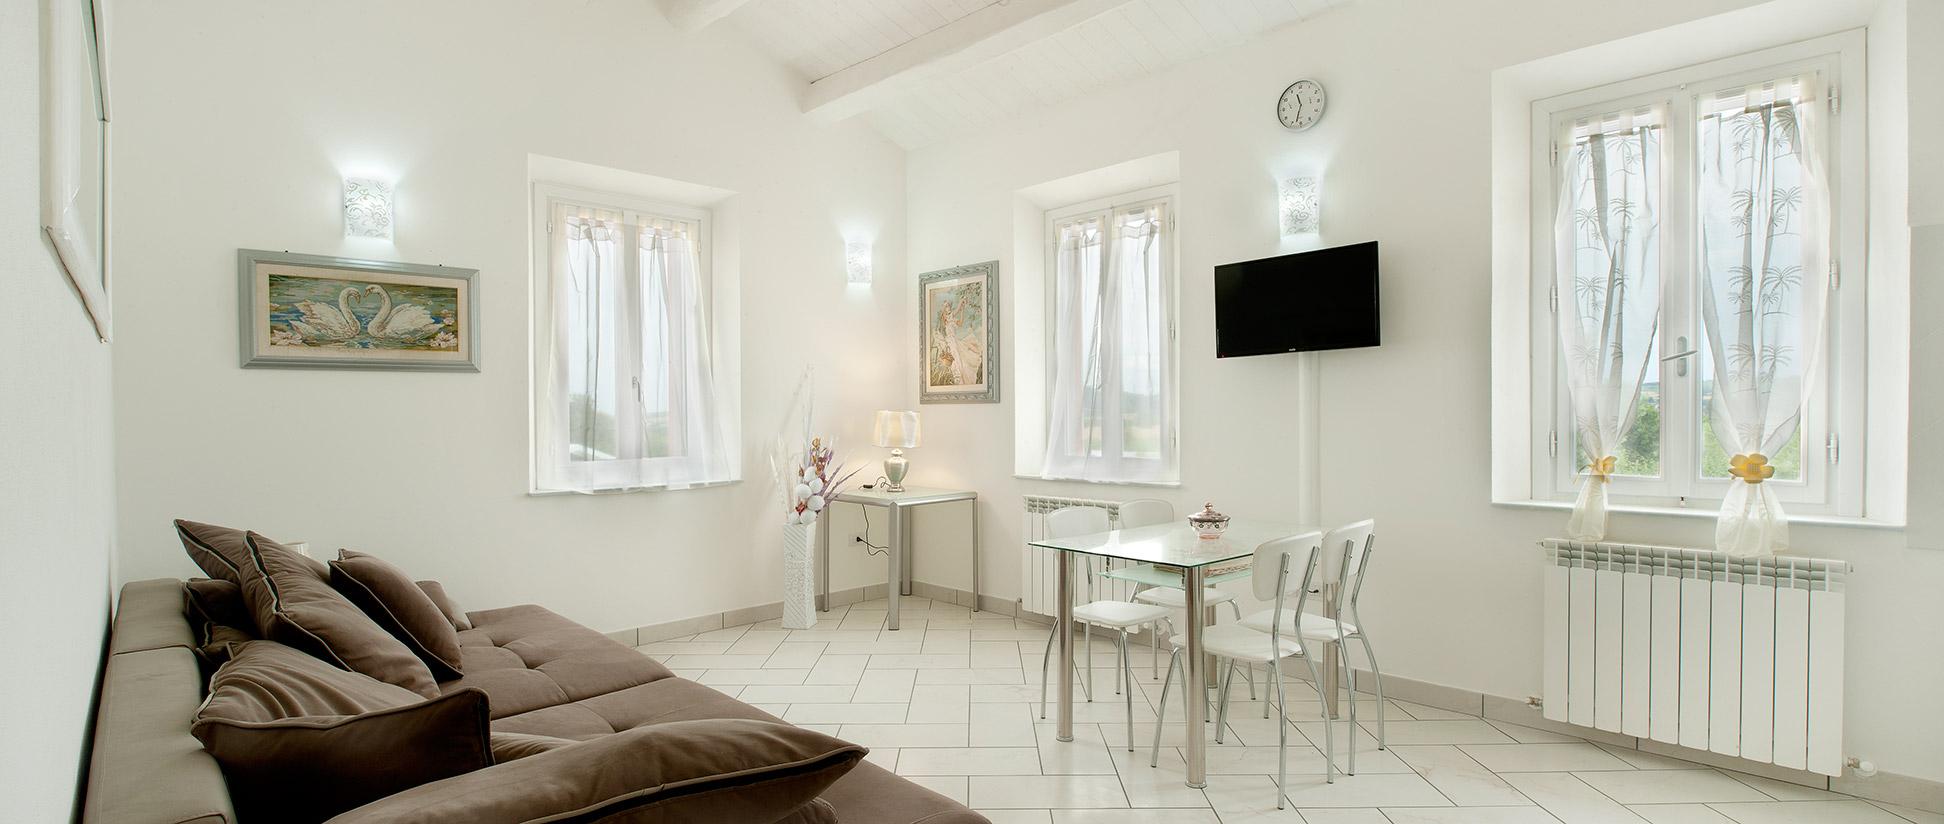 Appartamenti Affitto Cesena